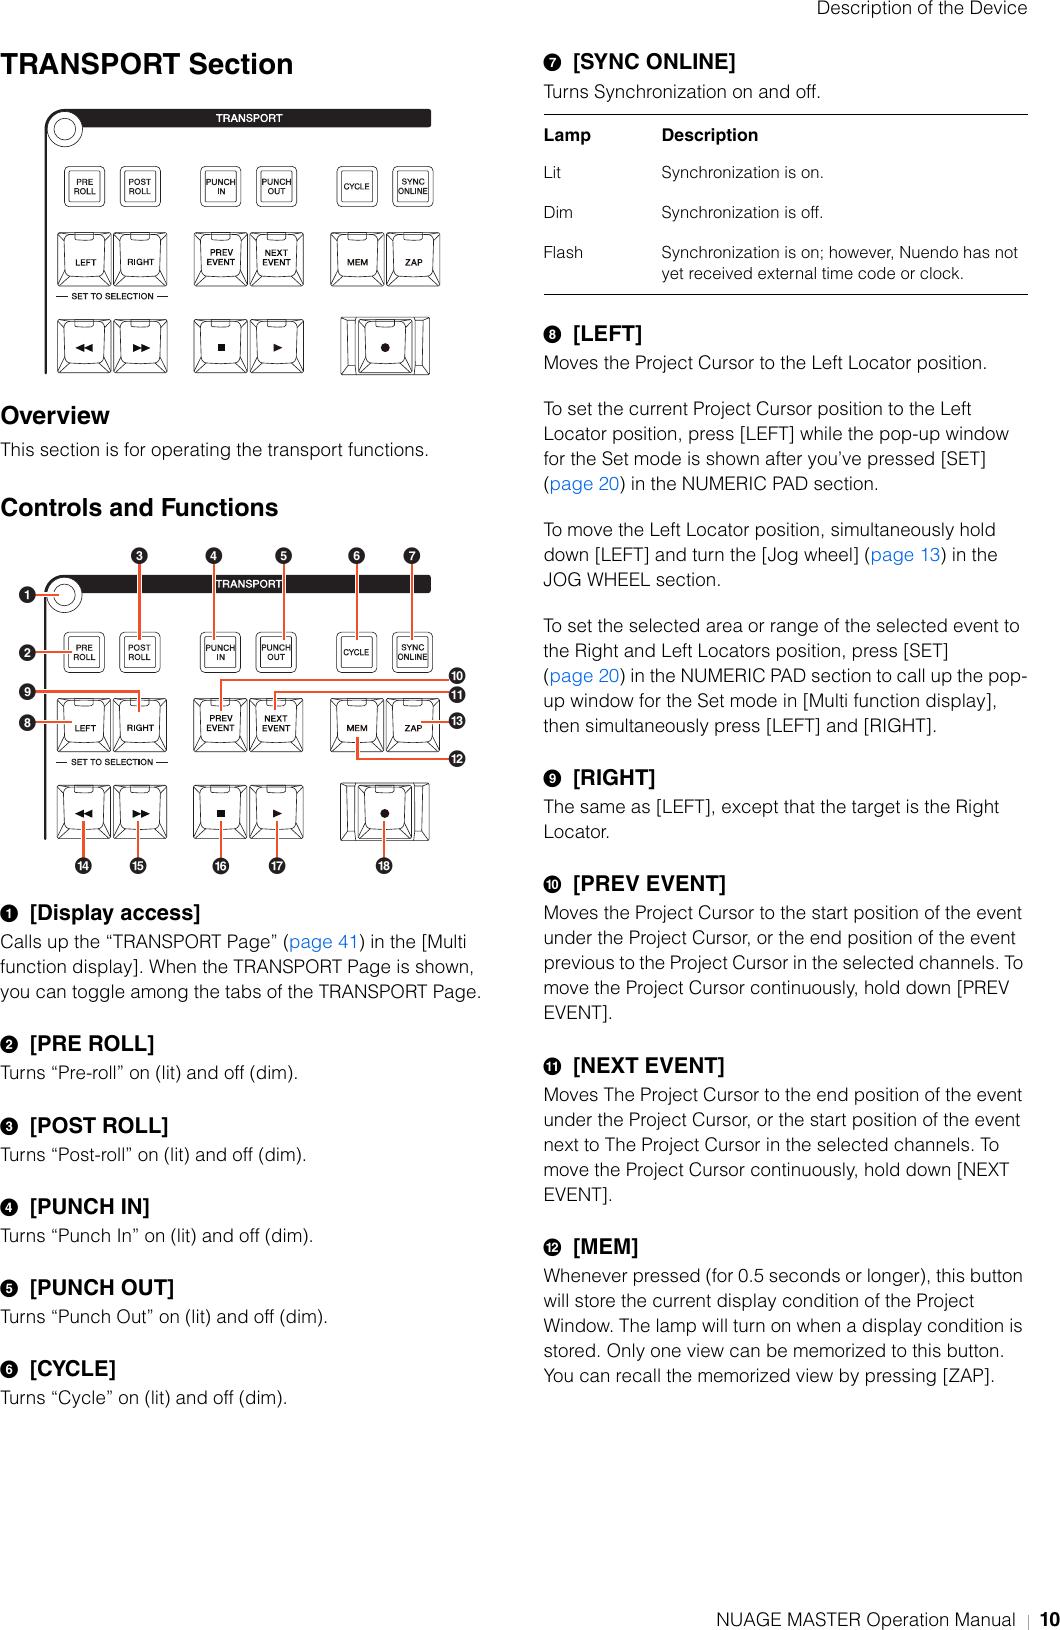 Yamaha Nuage Master Operation Manual